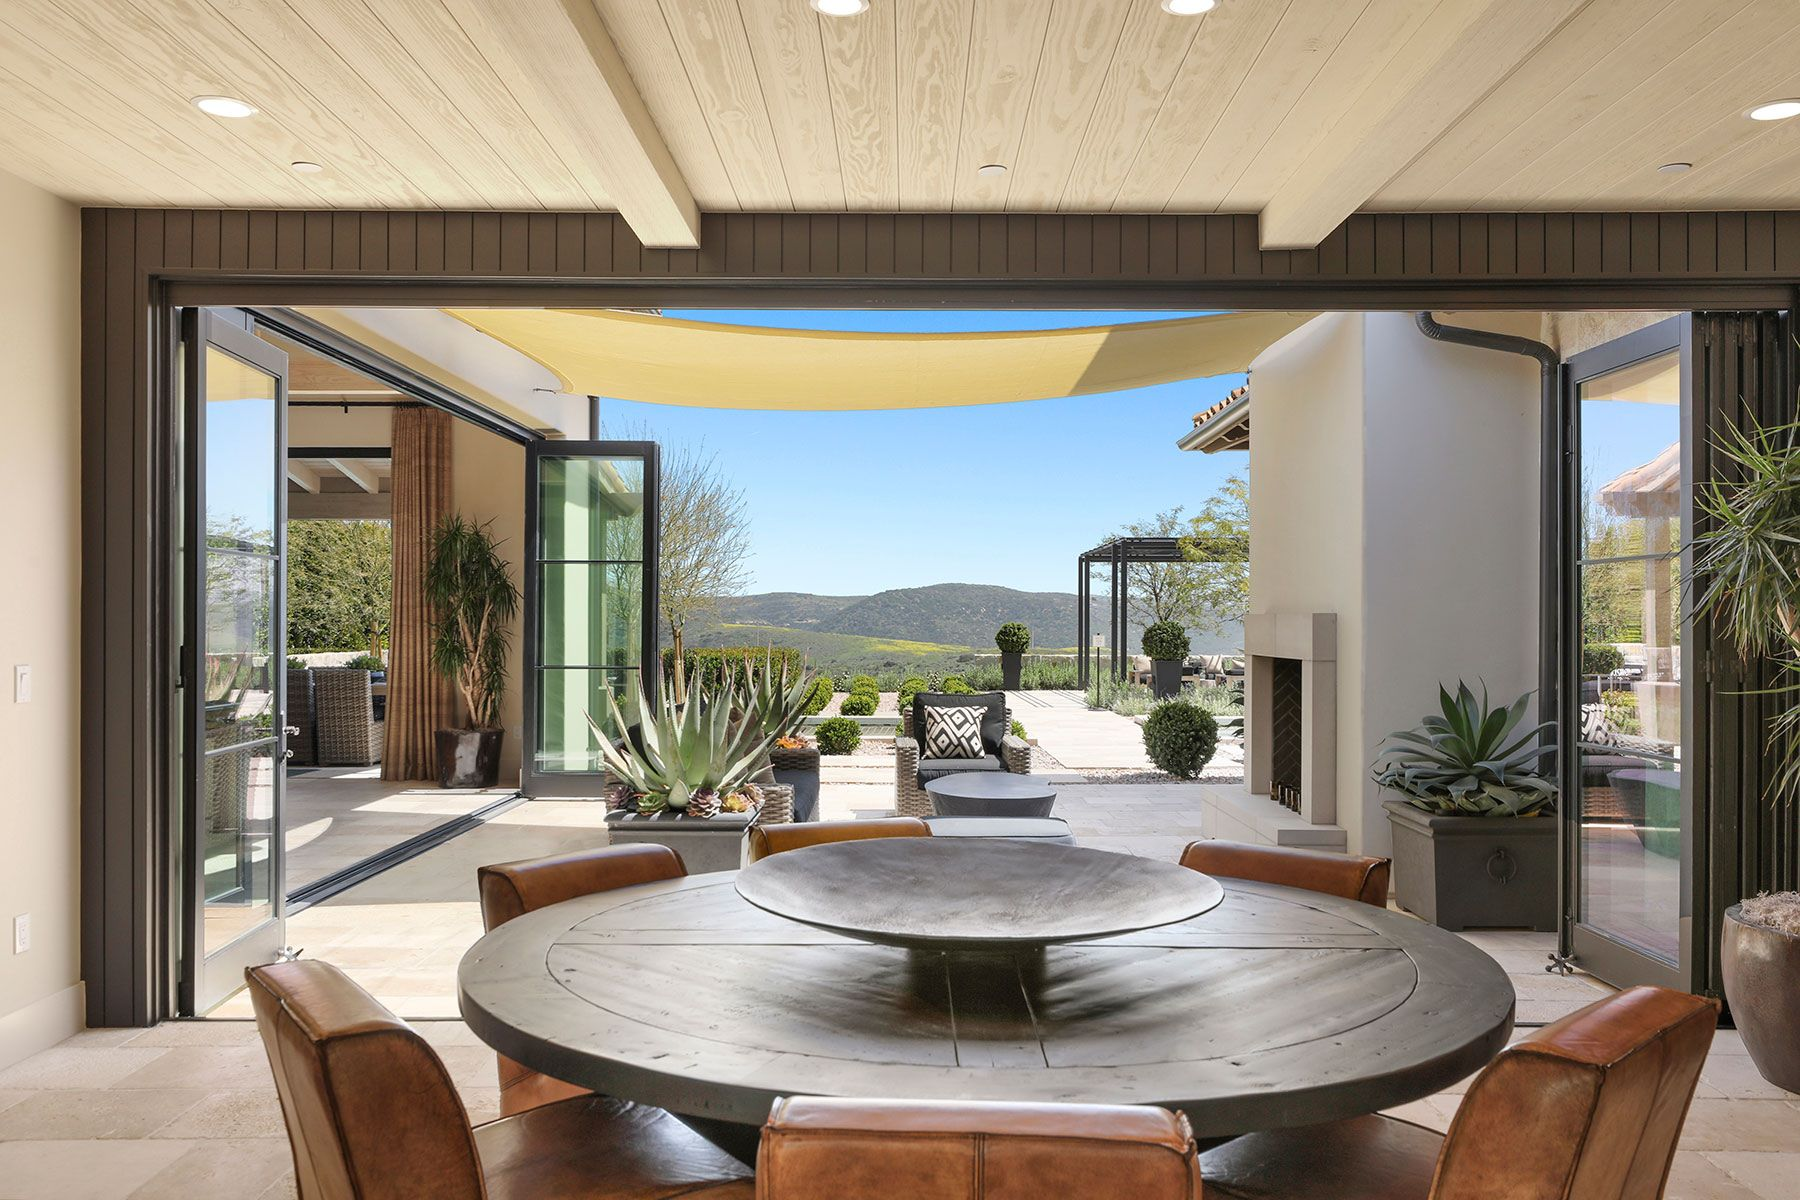 独户住宅 为 销售 在 8 Blue Shore 纽波特比奇, 加利福尼亚州, 92657 美国